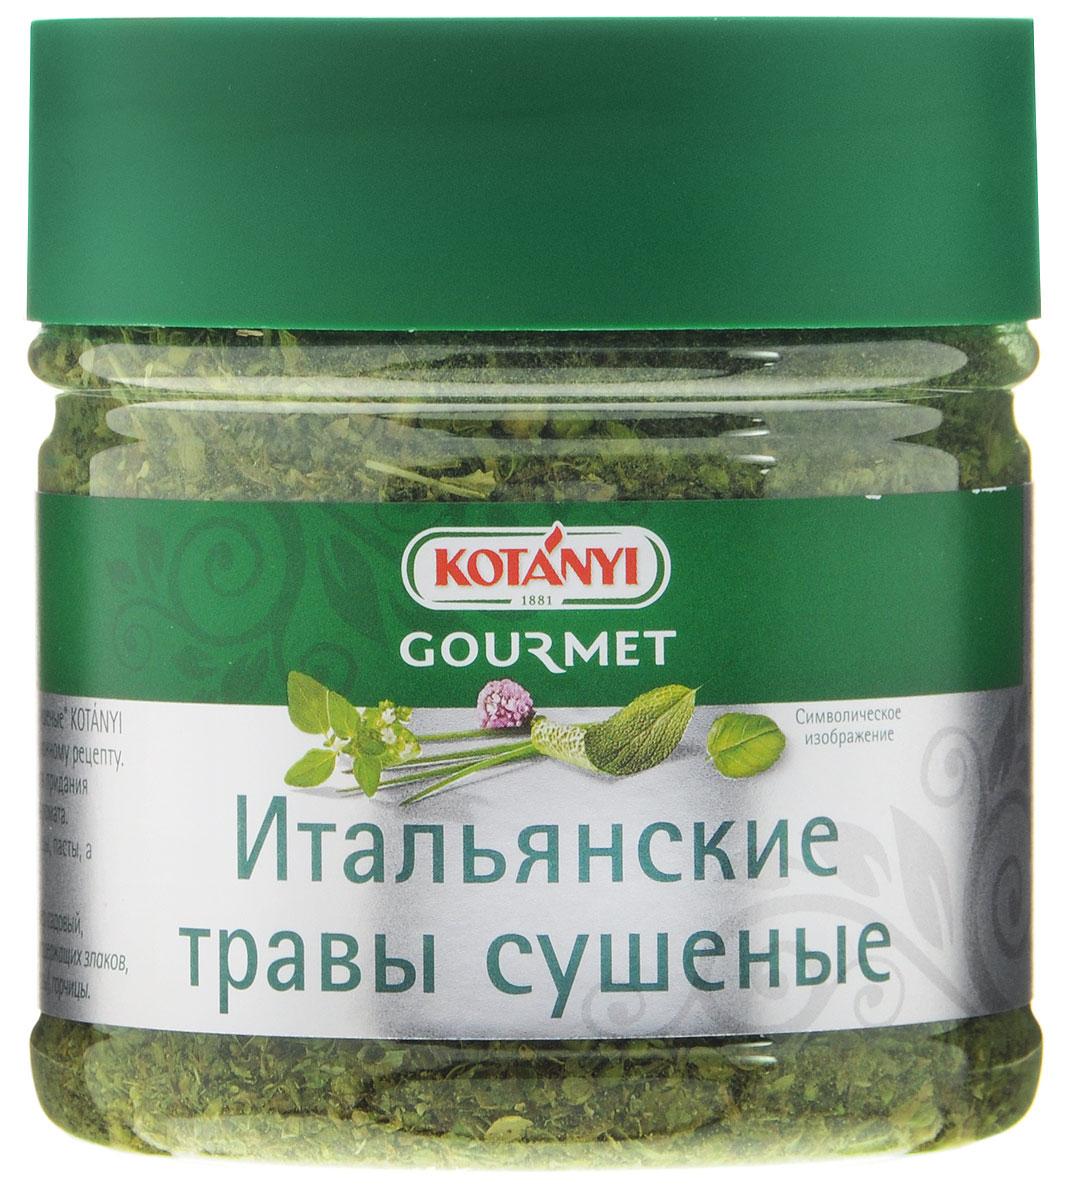 Kotanyi Итальянские травы сушеные, 63 г0120710Пряные травы Средиземноморья высушиваются особым бережным способом. Благодаря этому во время приготовления раскрывается типичный итальянский манящий аромат, и даже простые блюда приобретают изысканный вкус.Может содержать следы глютеносодержащих злаков, яиц, сои, сельдерея, кунжута, орехов, горчицы, молока (лактозы), горчицы. Уважаемые клиенты! Обращаем ваше внимание, что полный перечень состава продукта представлен на дополнительном изображении.